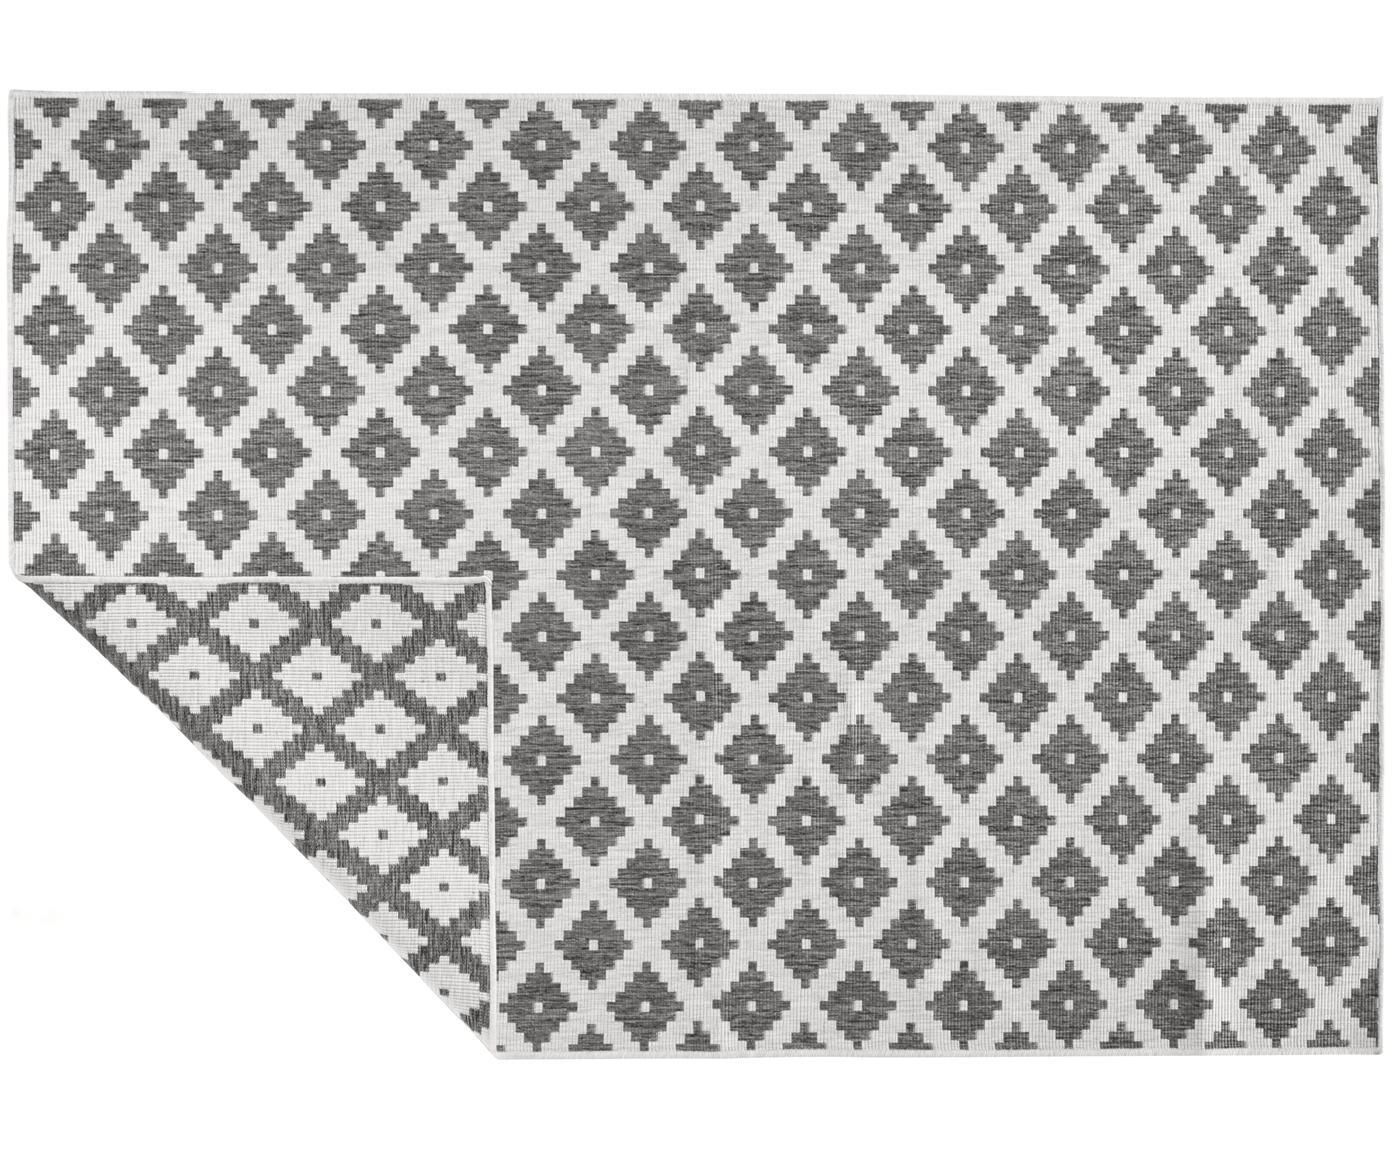 Tappeto reversibile  da interno-esterno Nizza, Grigio, color crema, Larg. 80 x Lung. 150 cm (taglia xs)